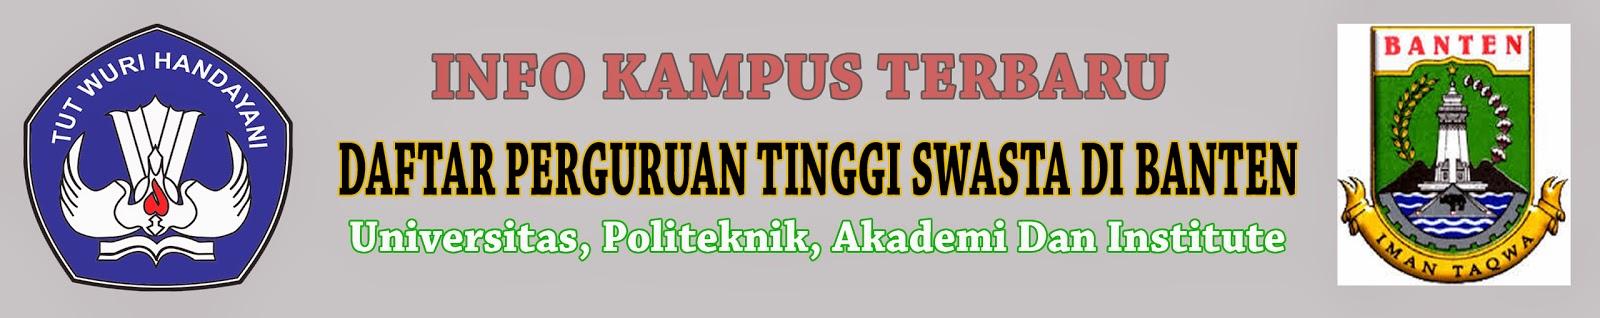 Daftar Perguruan Tinggi Swasta Di Banten